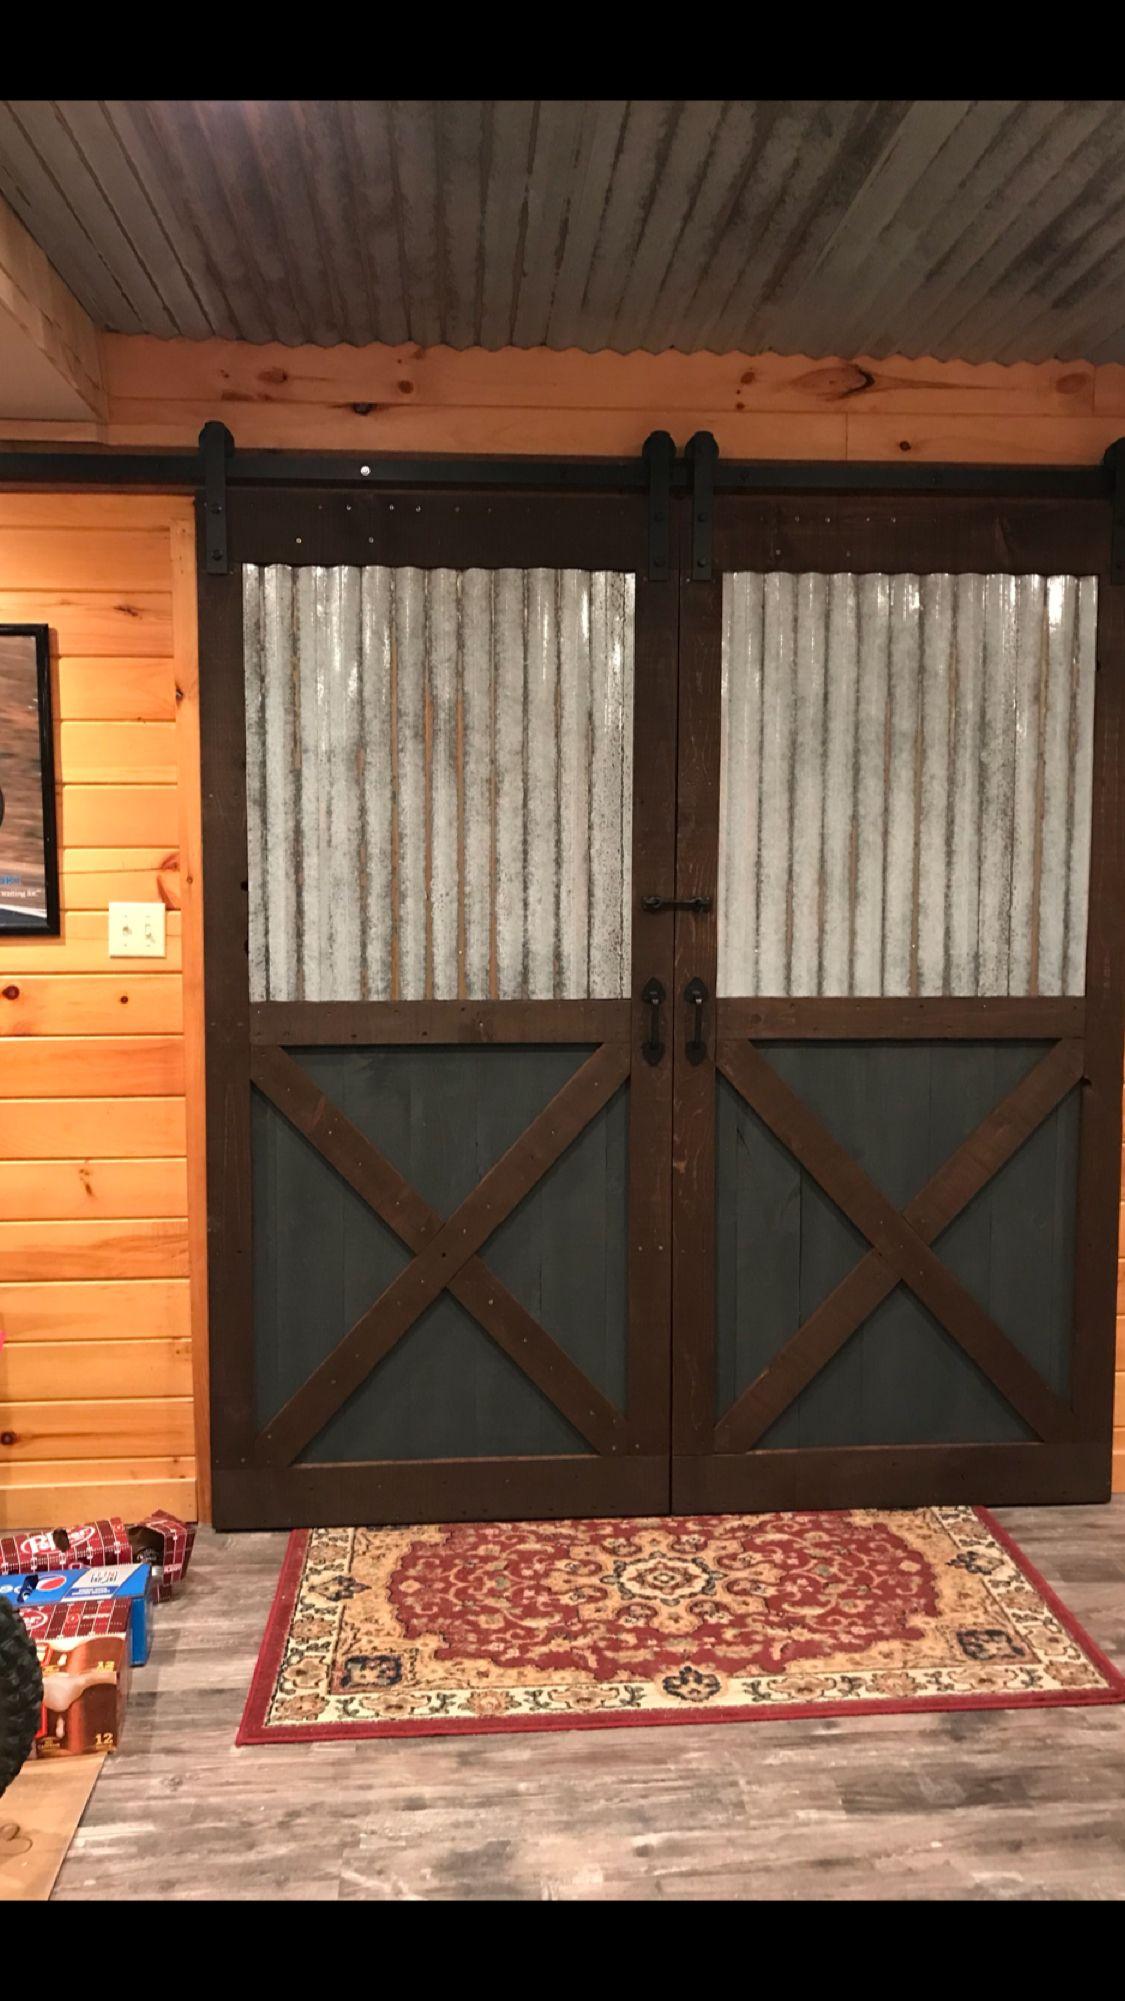 Corrugated Tin On Barn Doors Diy Diy Barn Door Corrugated Tin Barn Door